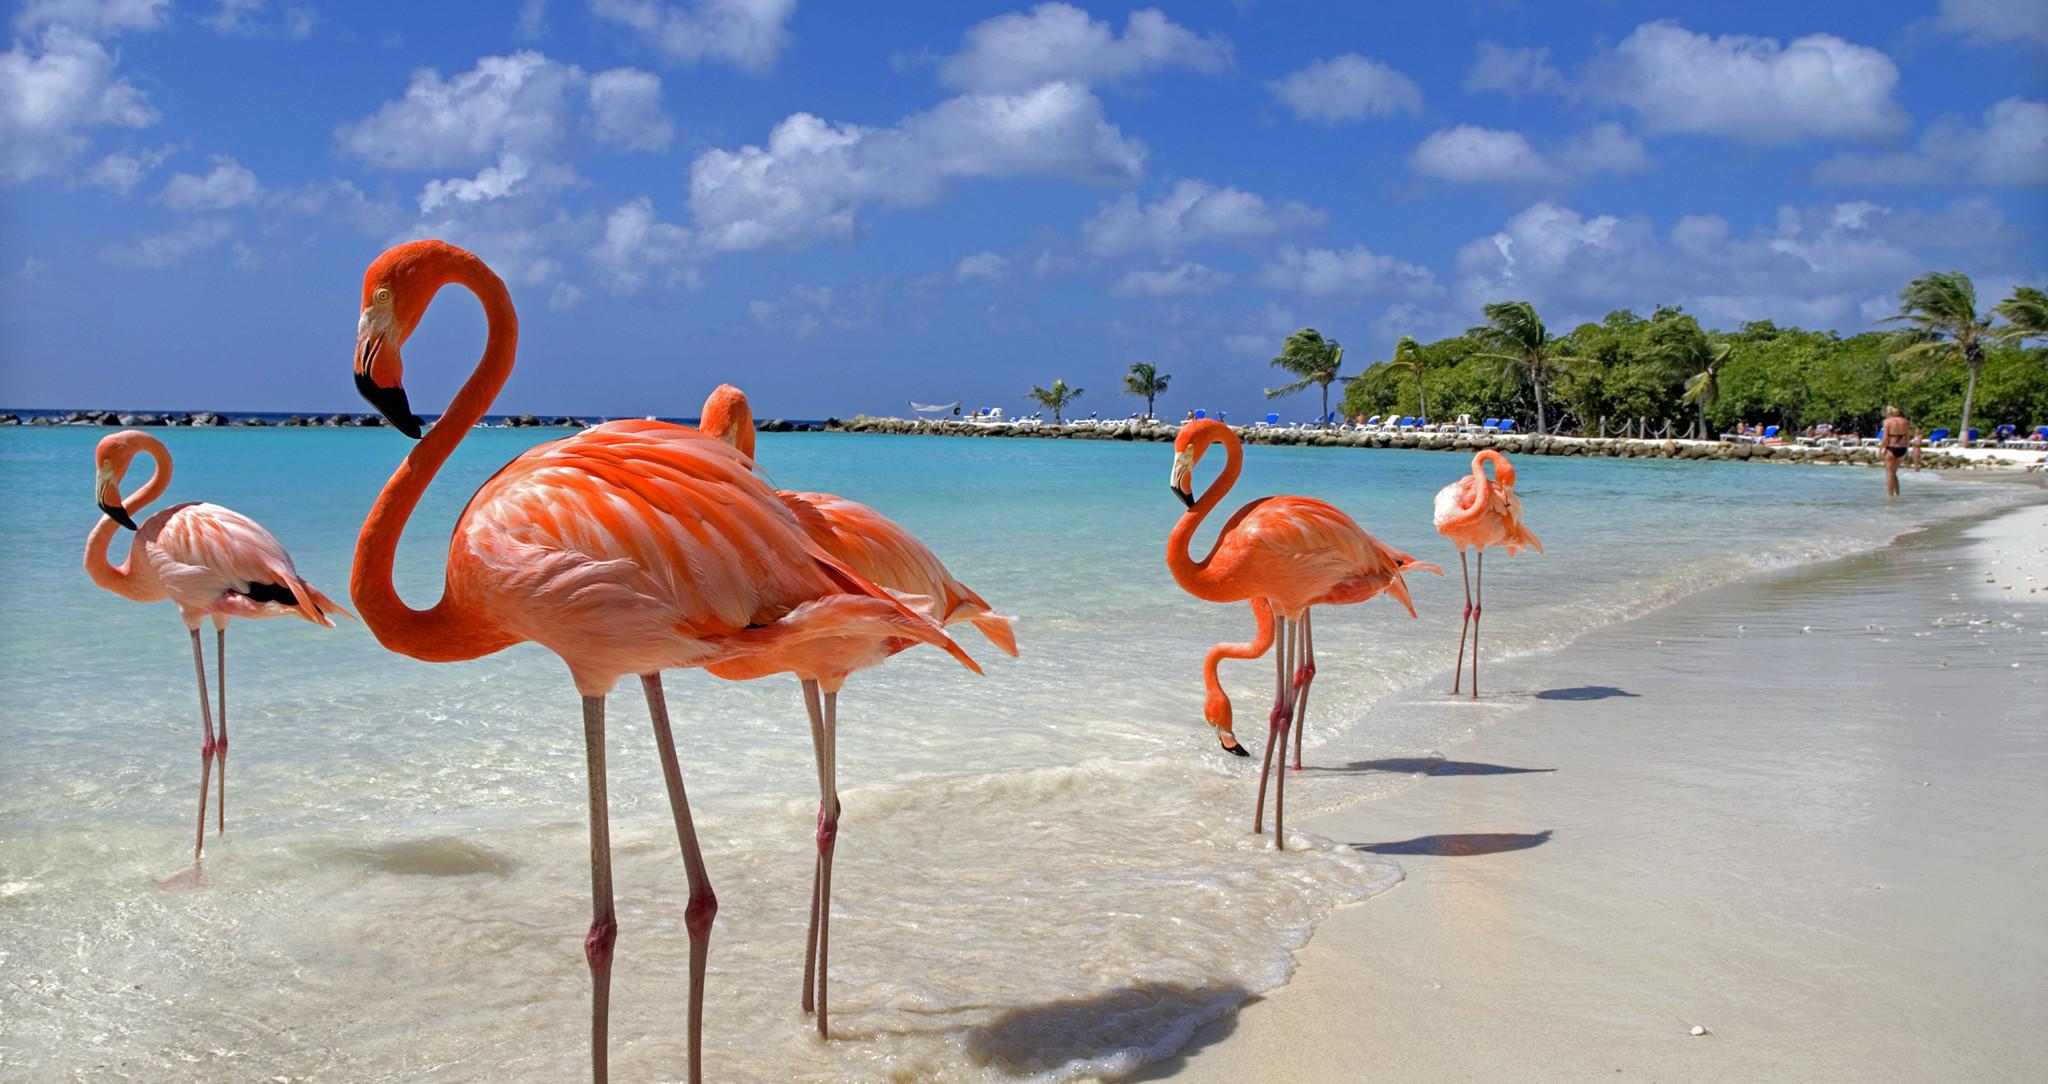 Aux bahamas un h tel recherche une personne pour s for Recherche personne pour tondre pelouse